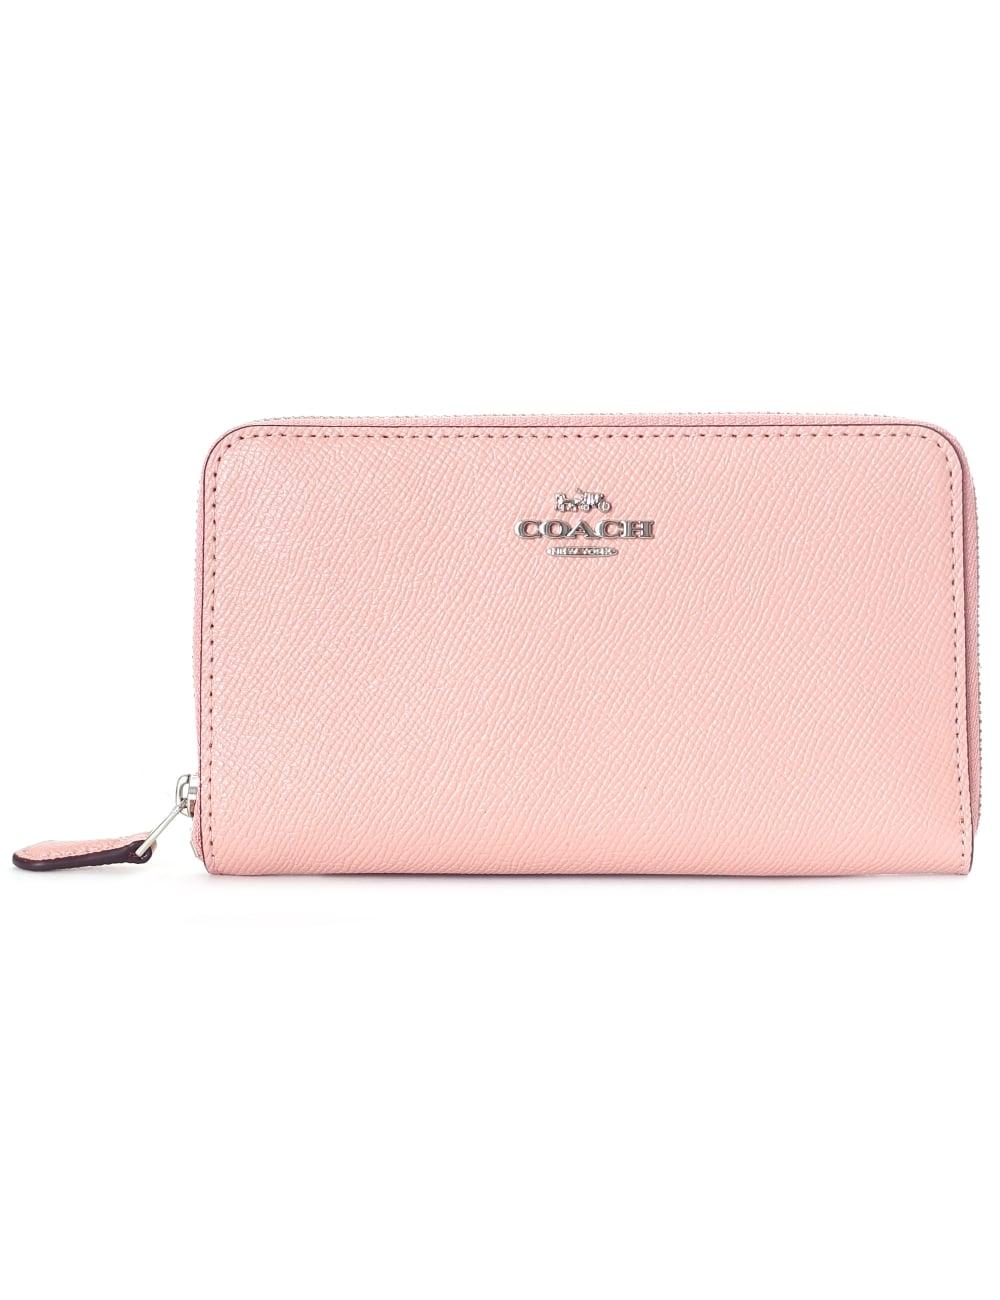 Coach Women s Medium Zip Around Wallet f45df6207ce50